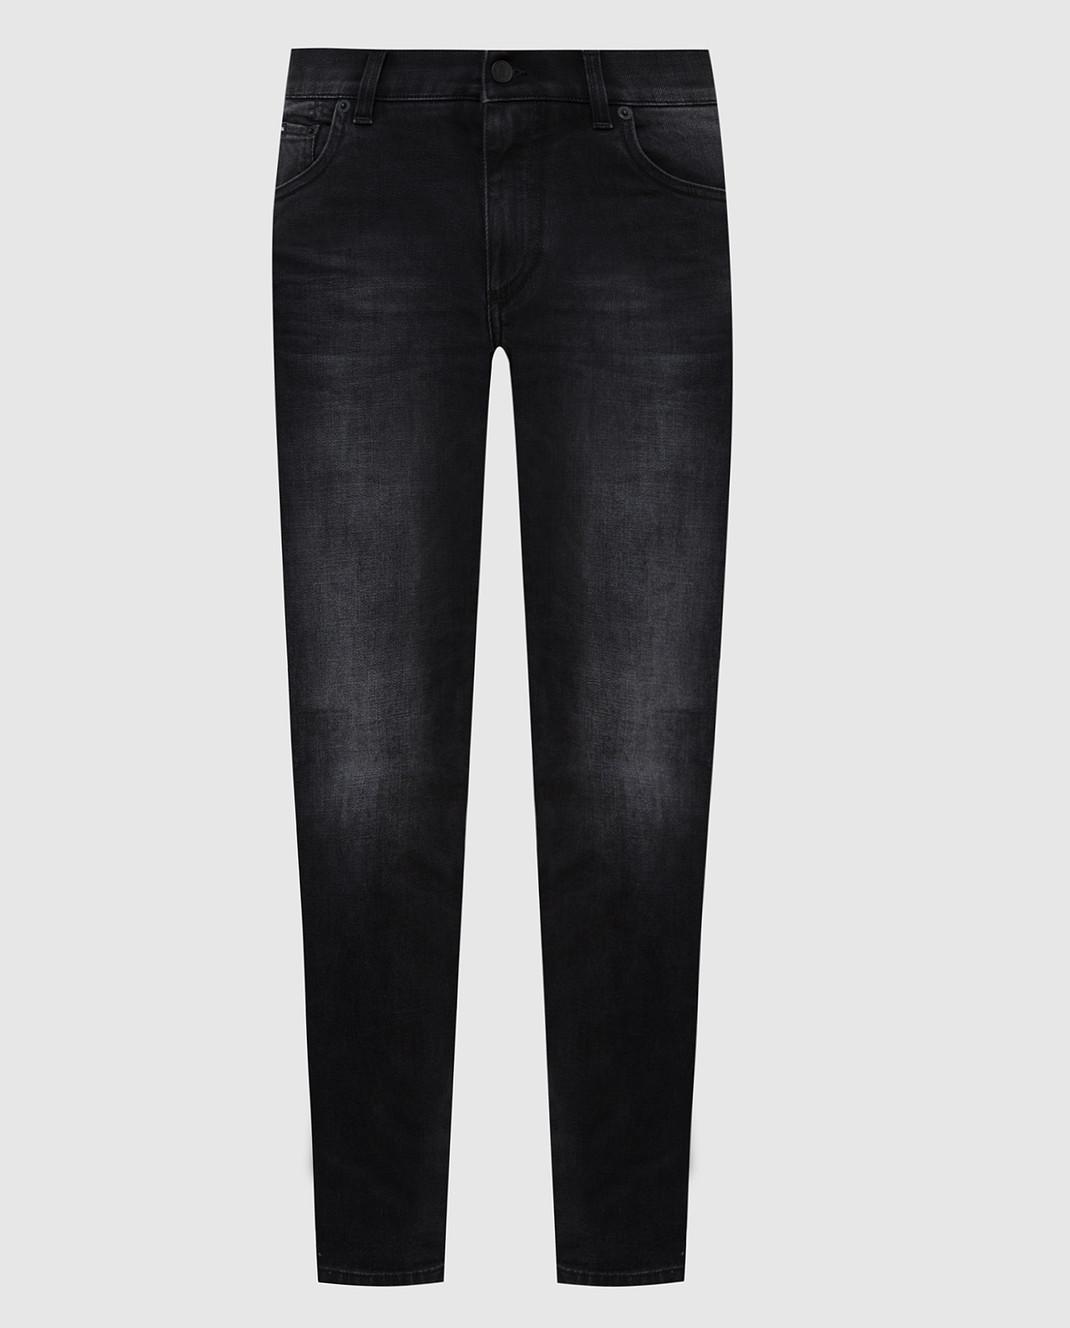 Dolce&Gabbana Черные джинсы изображение 1